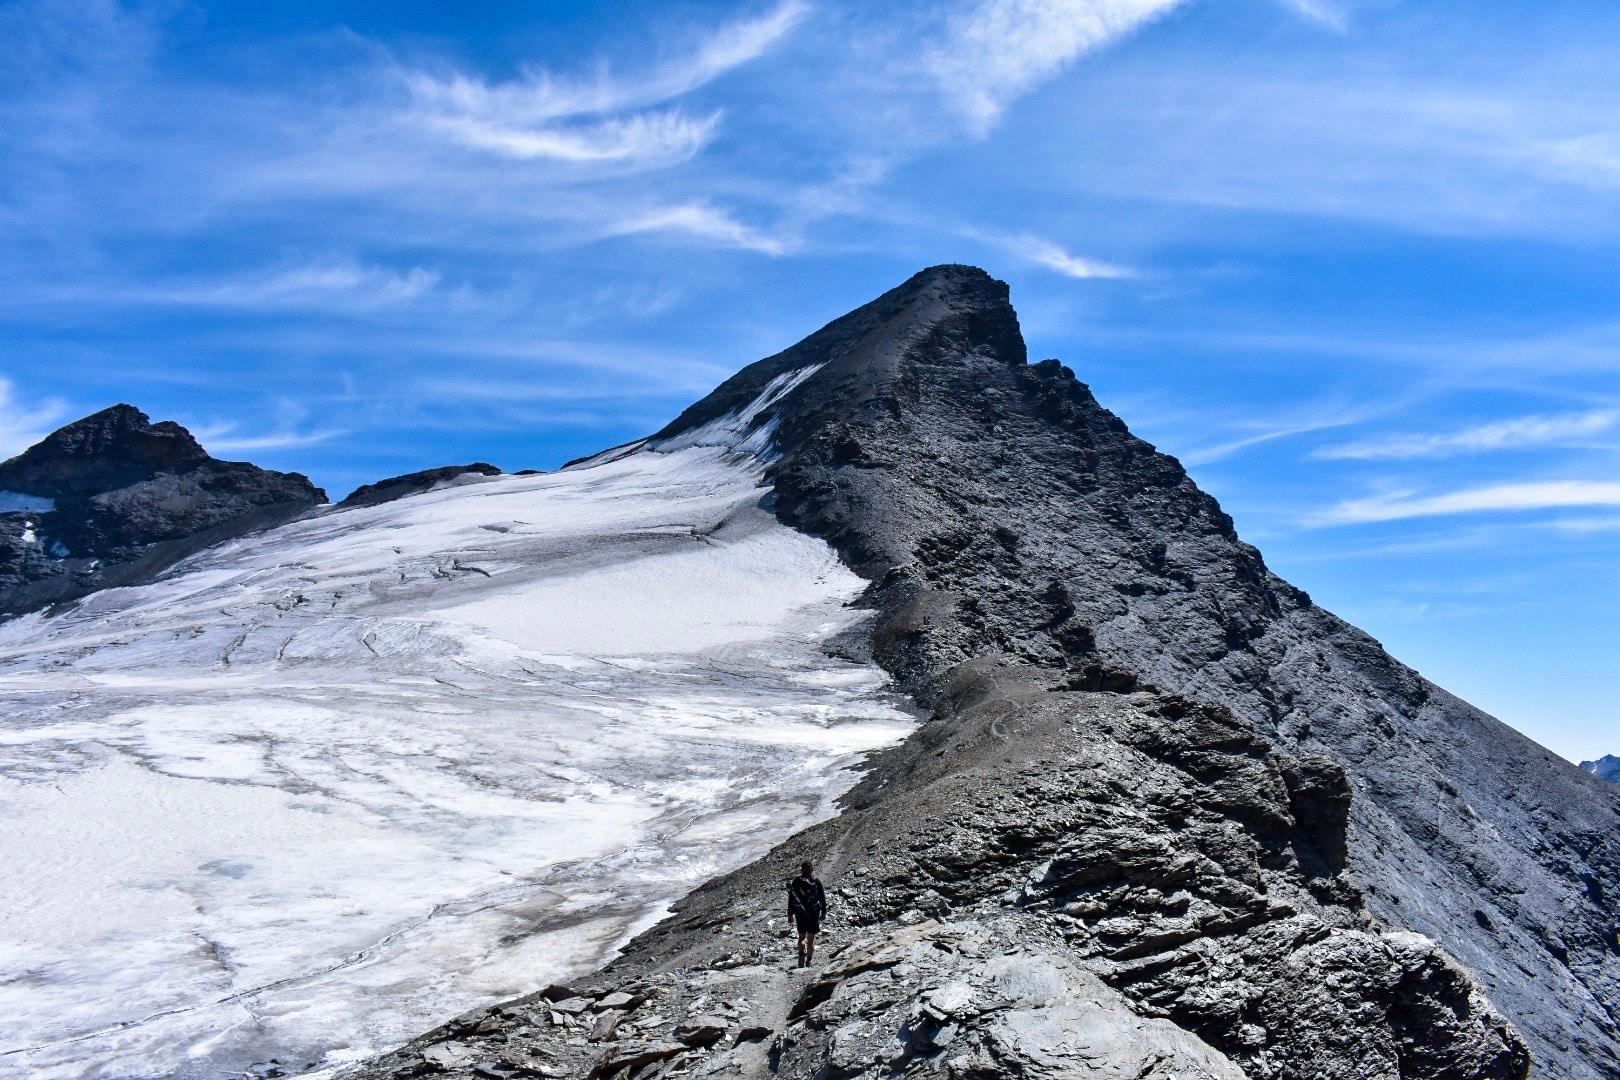 Randonnée vers l'Aiguille de la Grande Sassière – Savoie, Alpes